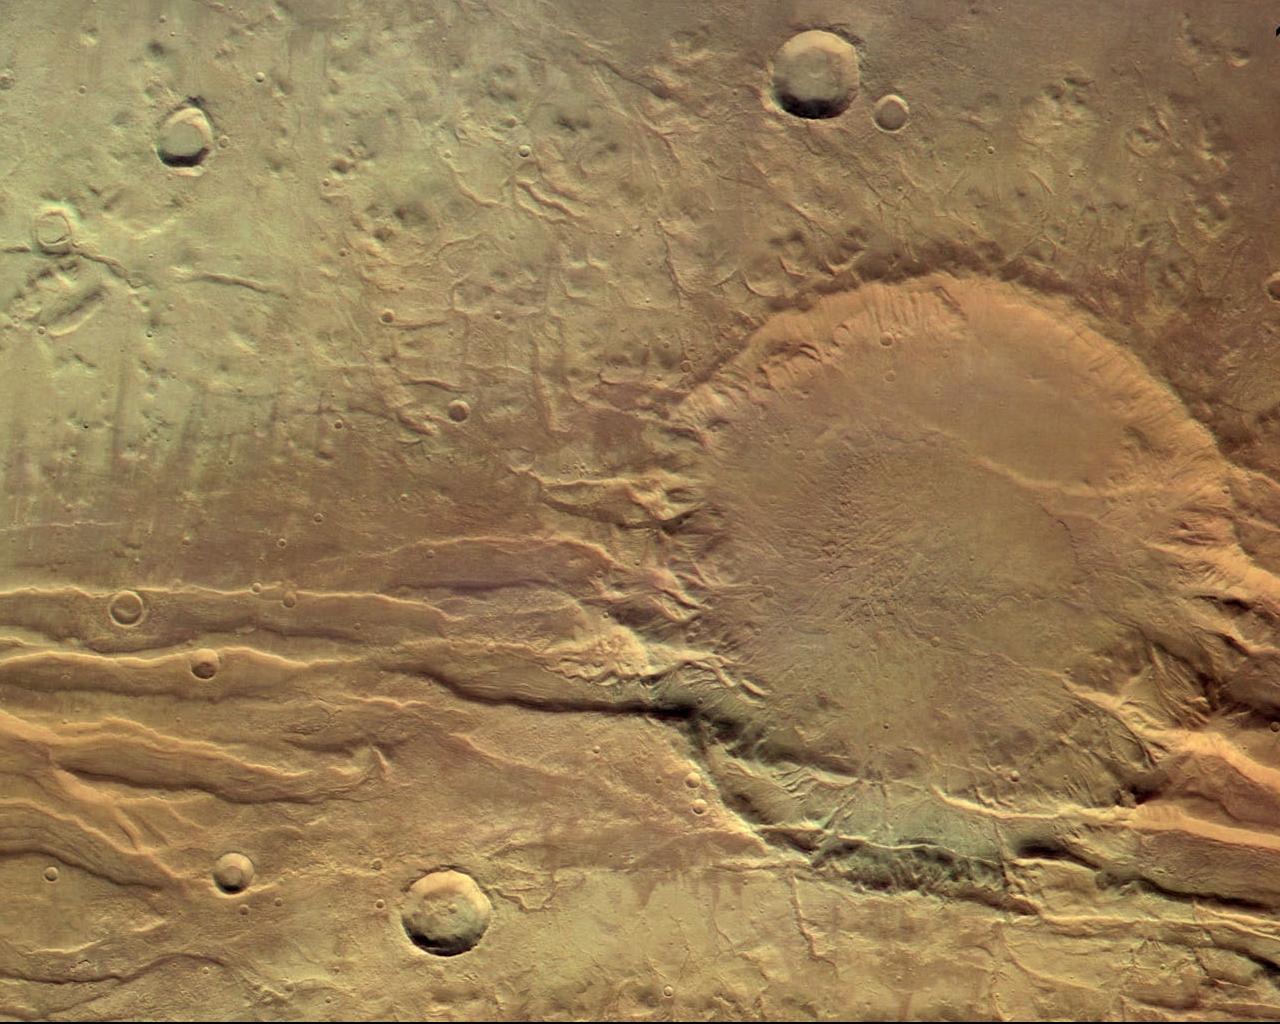 1567218069587-AcheronFossaeCrater-wallpaper.jpg